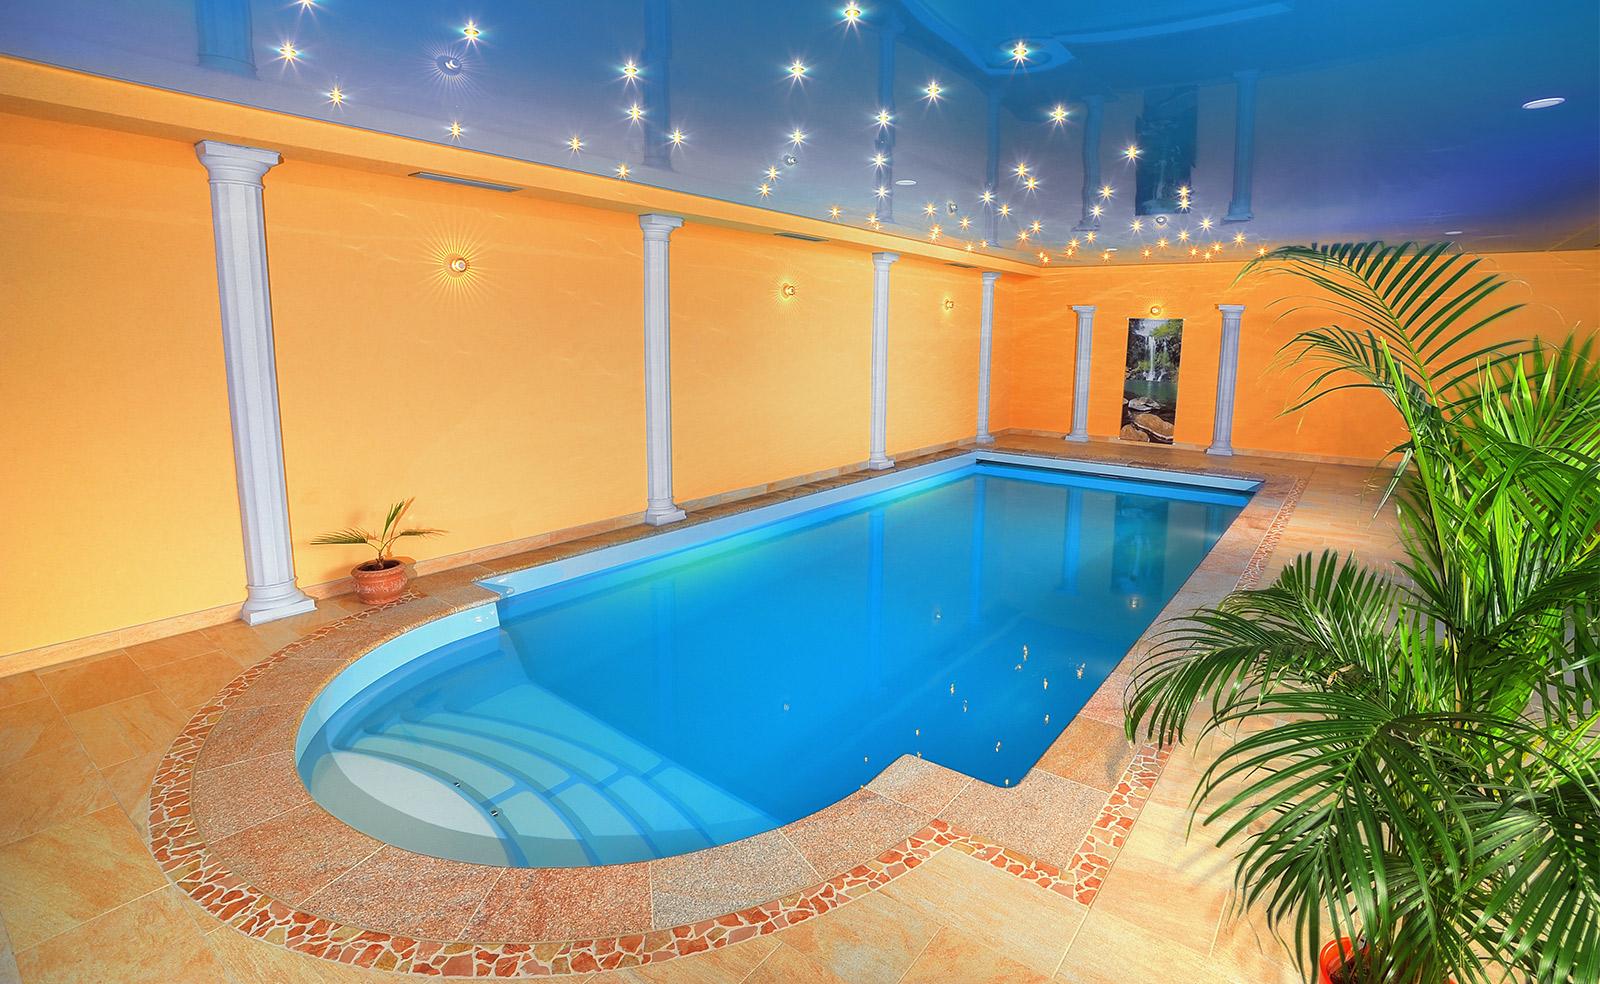 Starke gmbh schwimmbad sauna wellness in n rnberg for Schwimmbad herzogenaurach